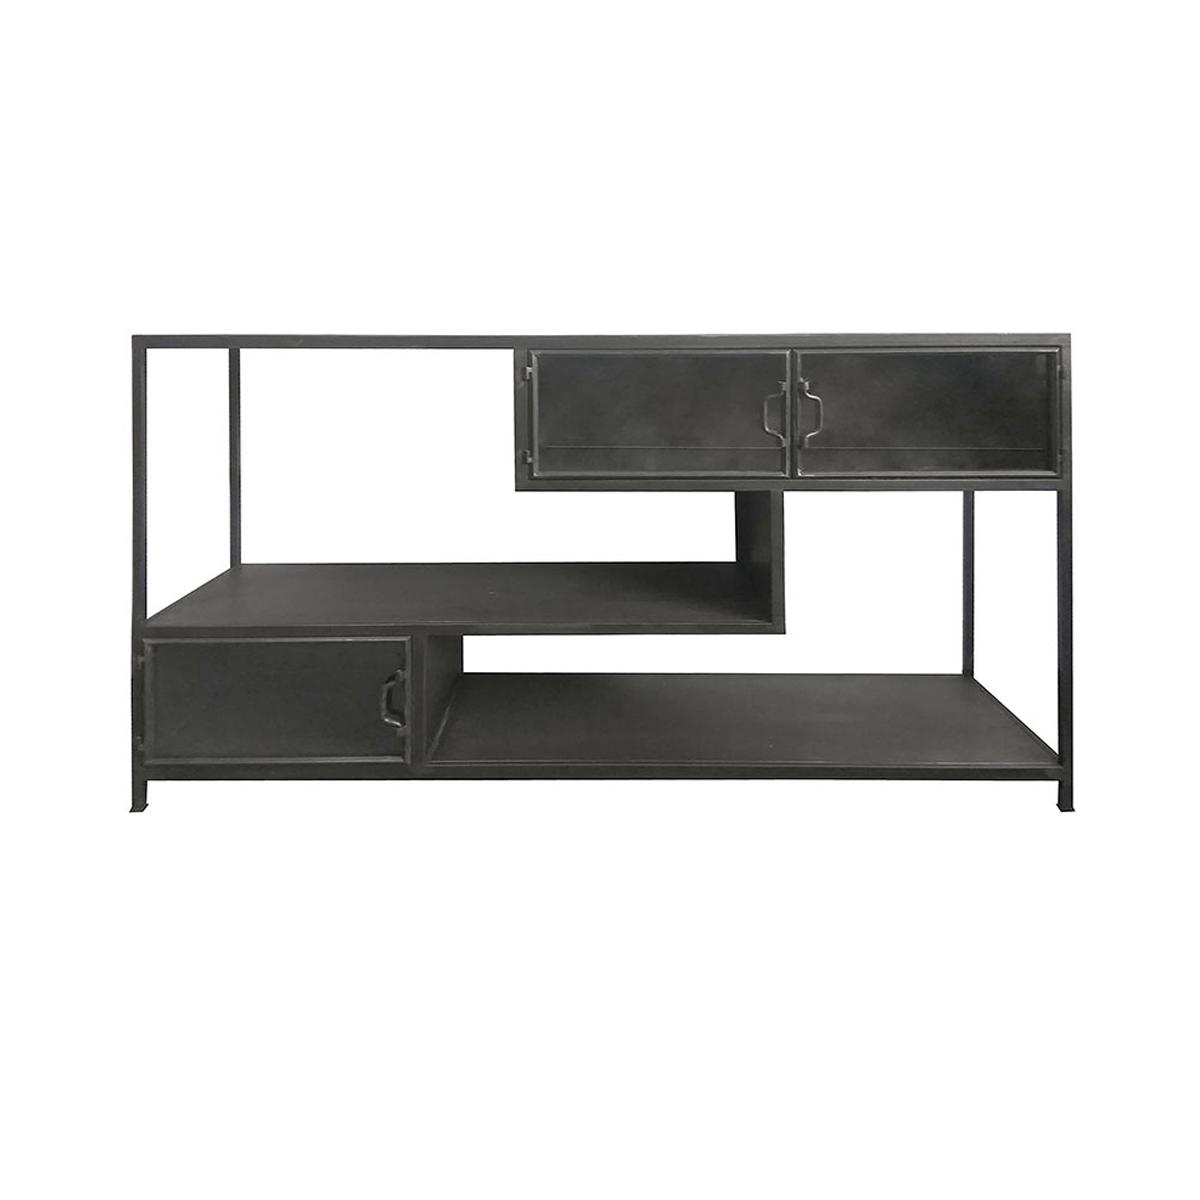 Beste By-Boo Tuck | Metalen dressoir zwart | 4040 | LUMZ GR-85